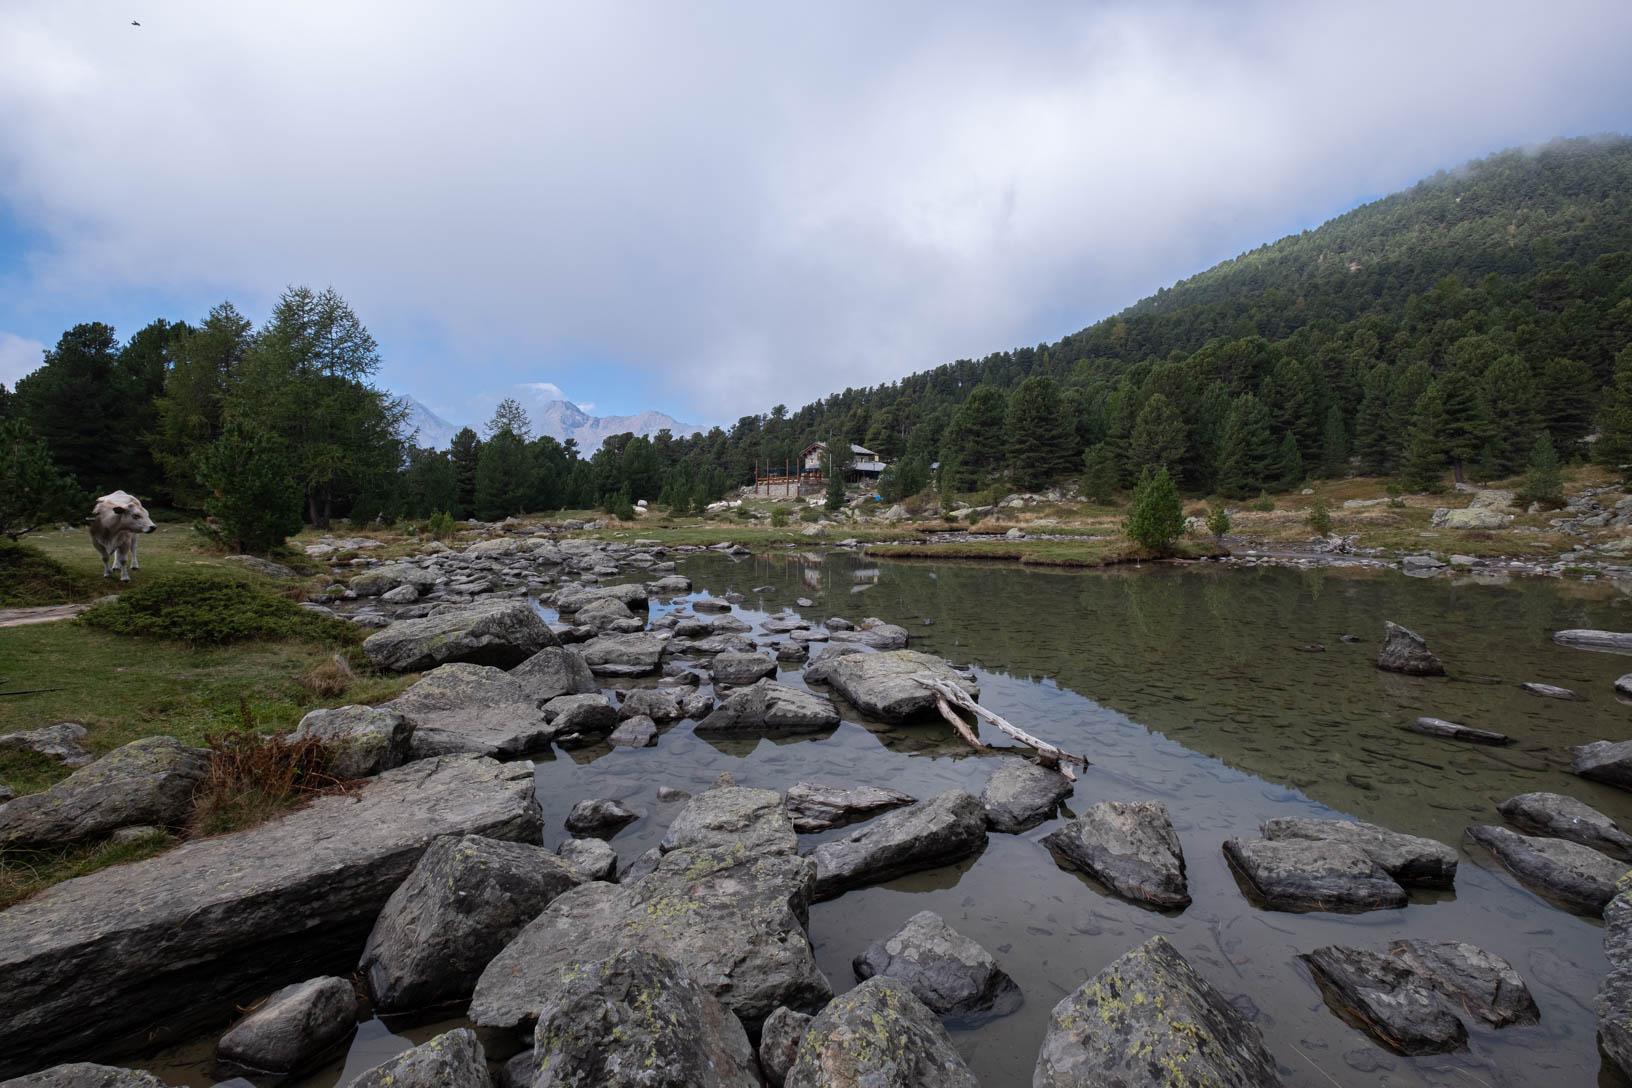 Laghetto e rifugio Bagnour